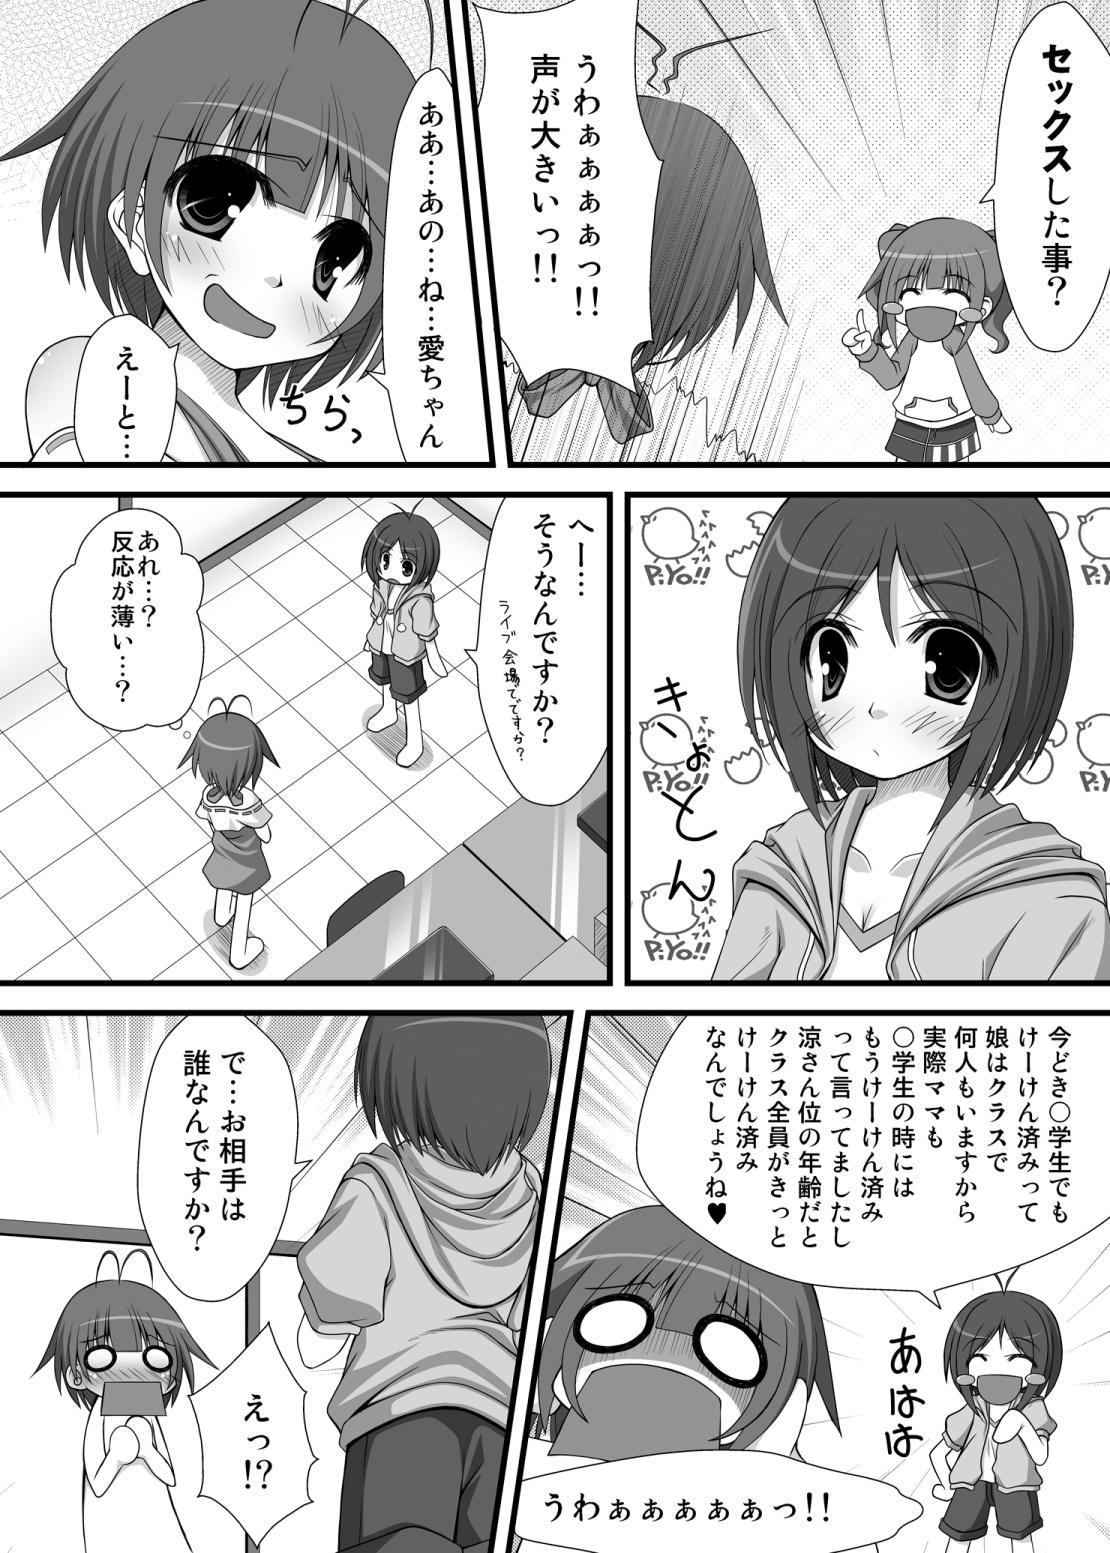 Aho no Ko ga Futari Atsumareba Tonikaku Urusai 8